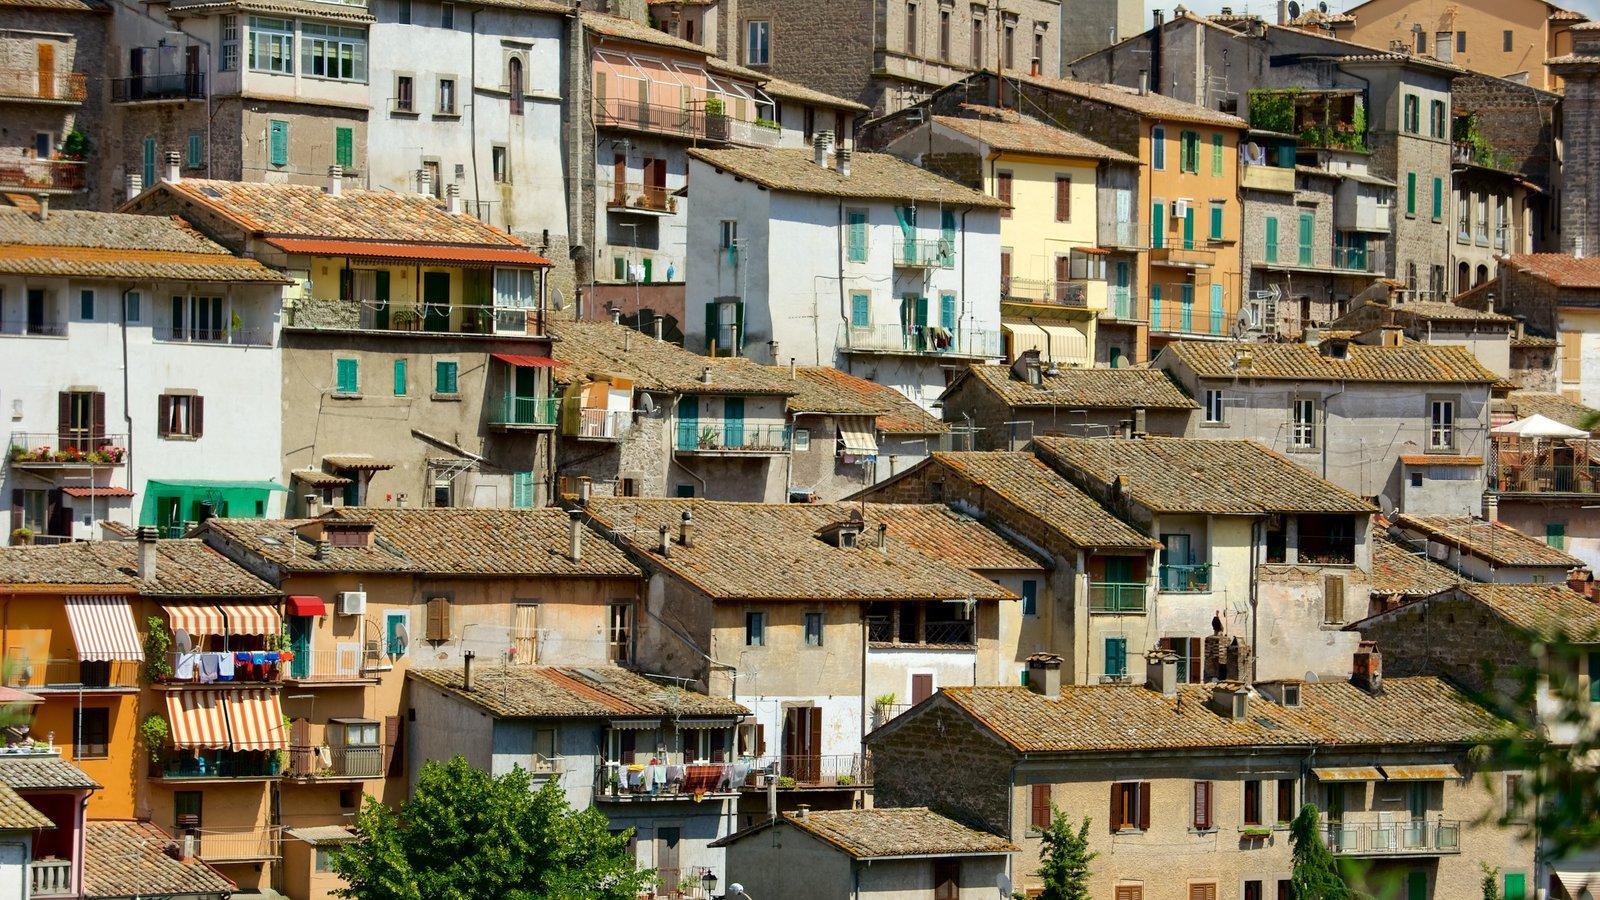 Soriano nel Cimino caracterizando uma cidade e arquitetura de patrimônio